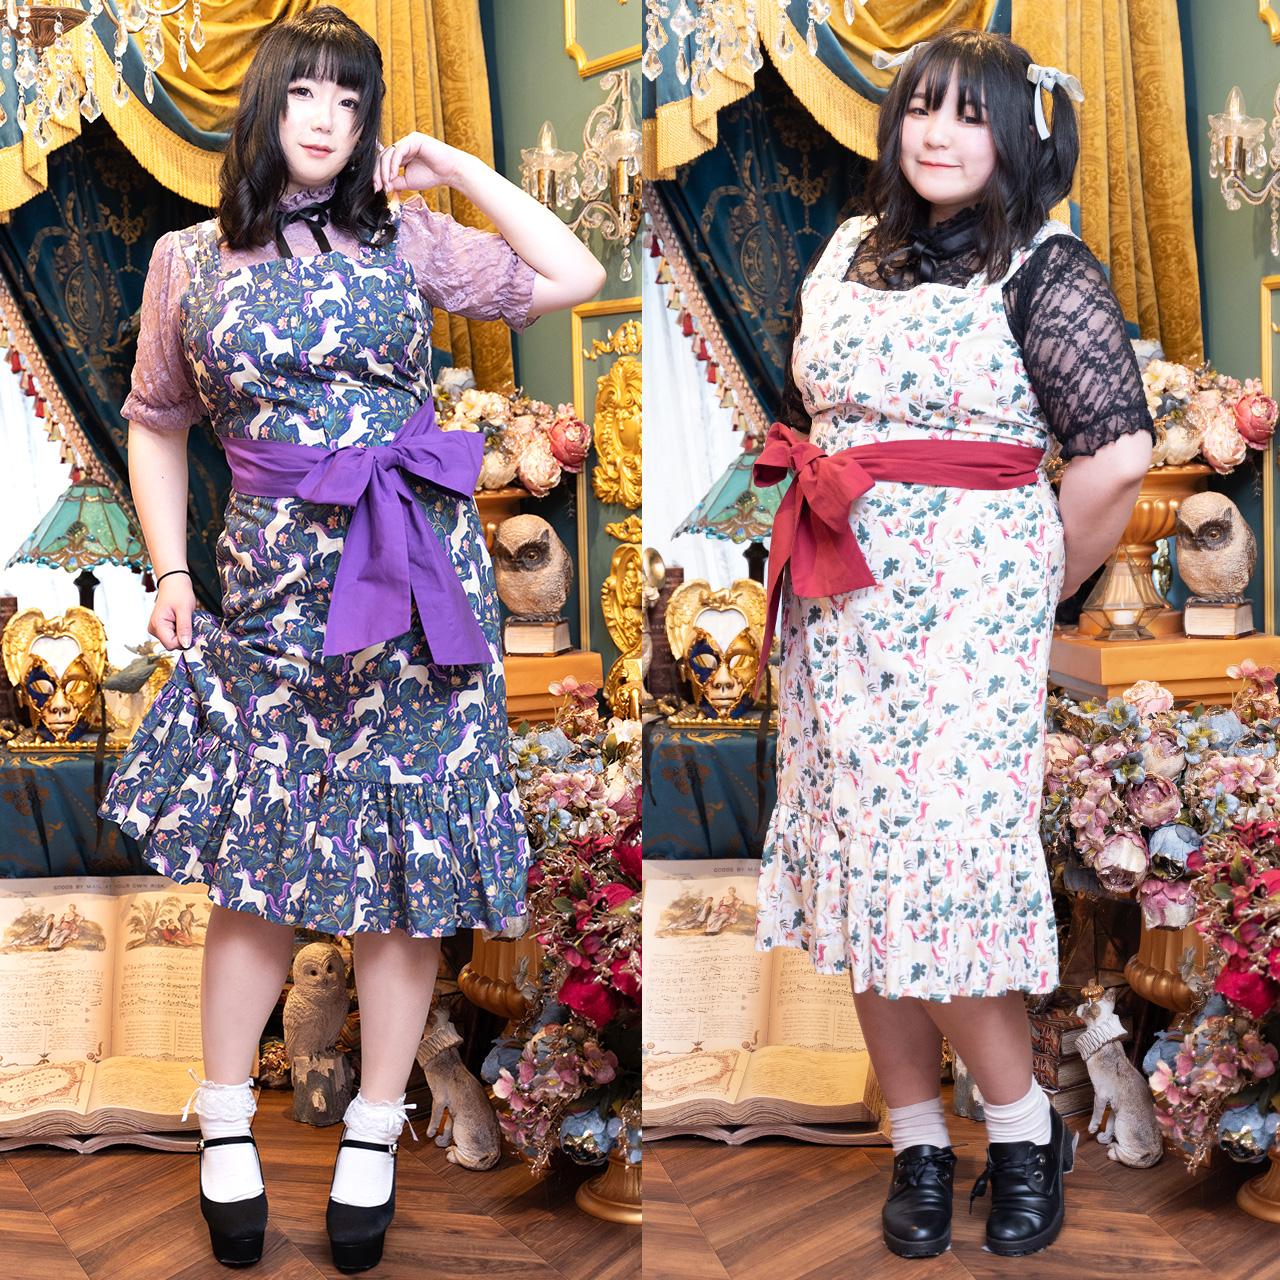 【大きいサイズ】ユニコーン柄前ジッパーワンピース(LL~5L)タベルノスキー量産型ぽっちゃりさんのお洋服